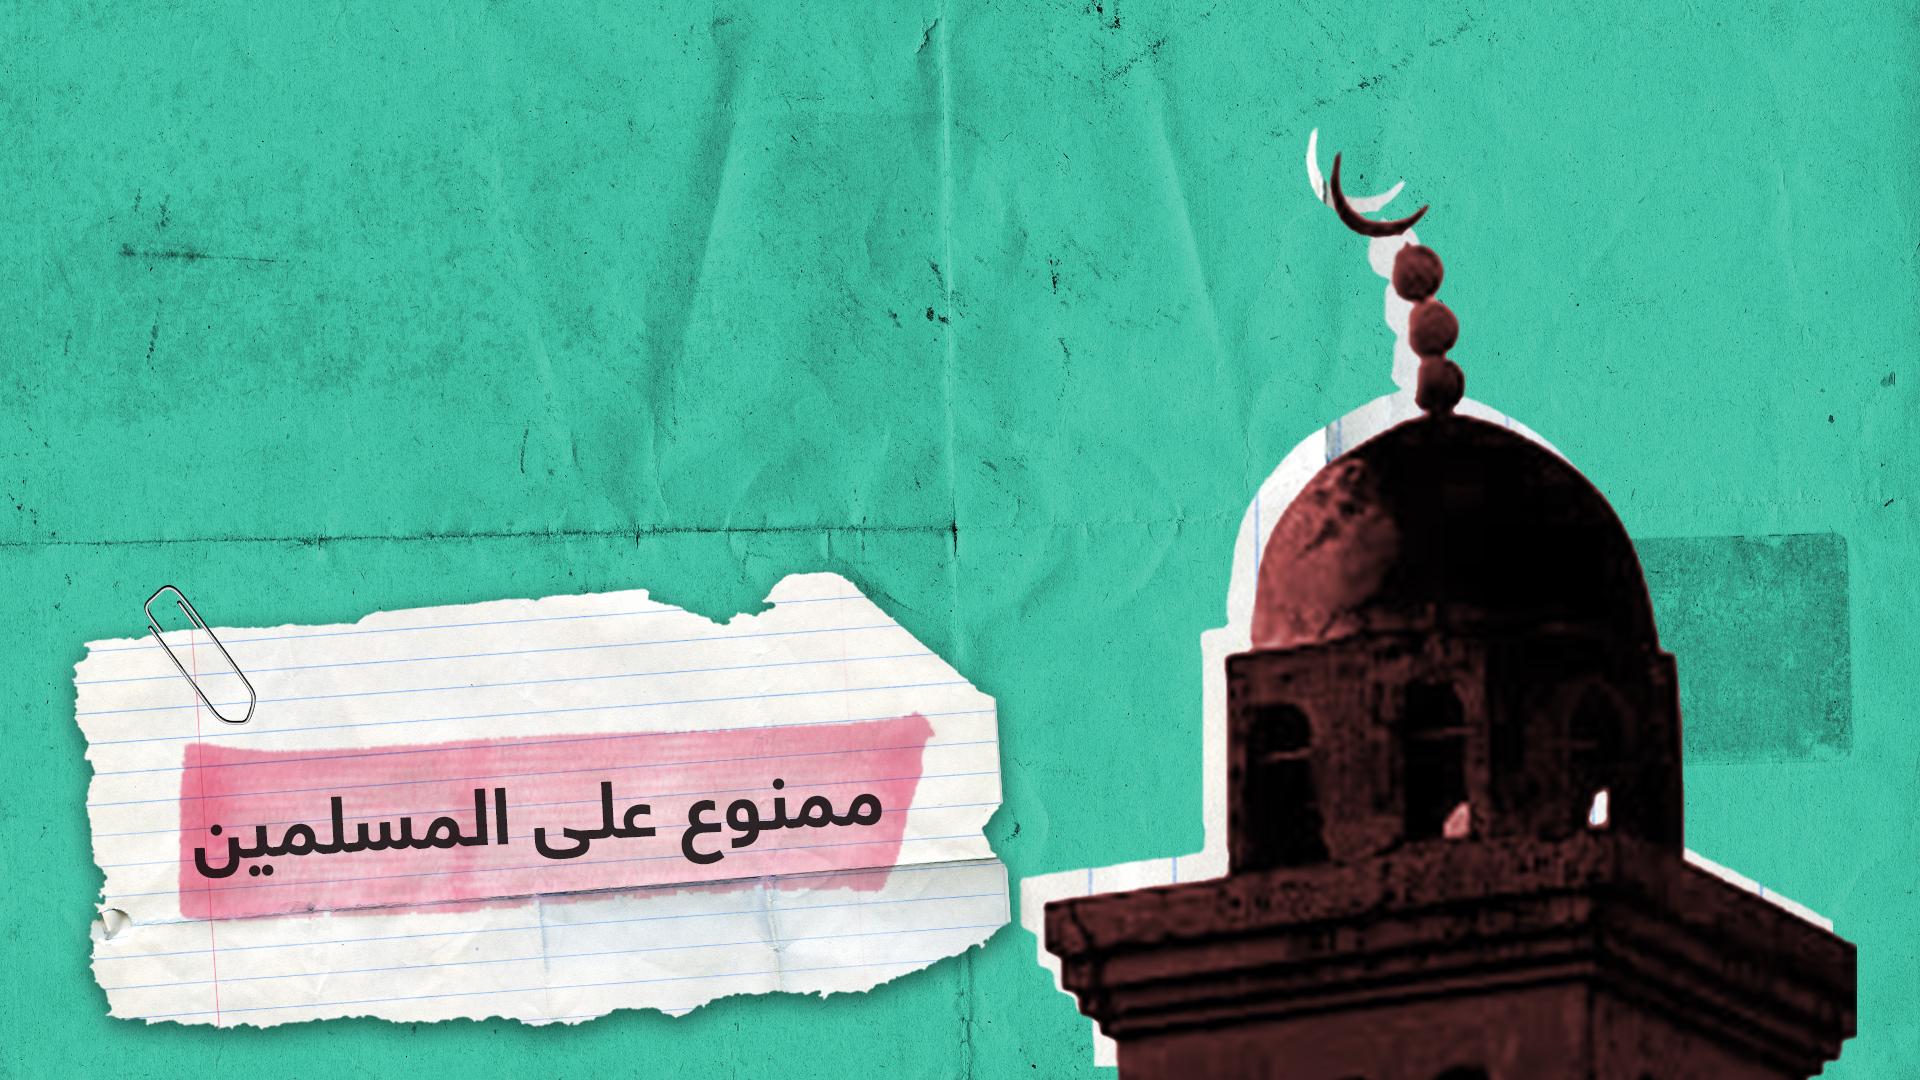 الهند تستثني المسلمين من قانون الجنسية